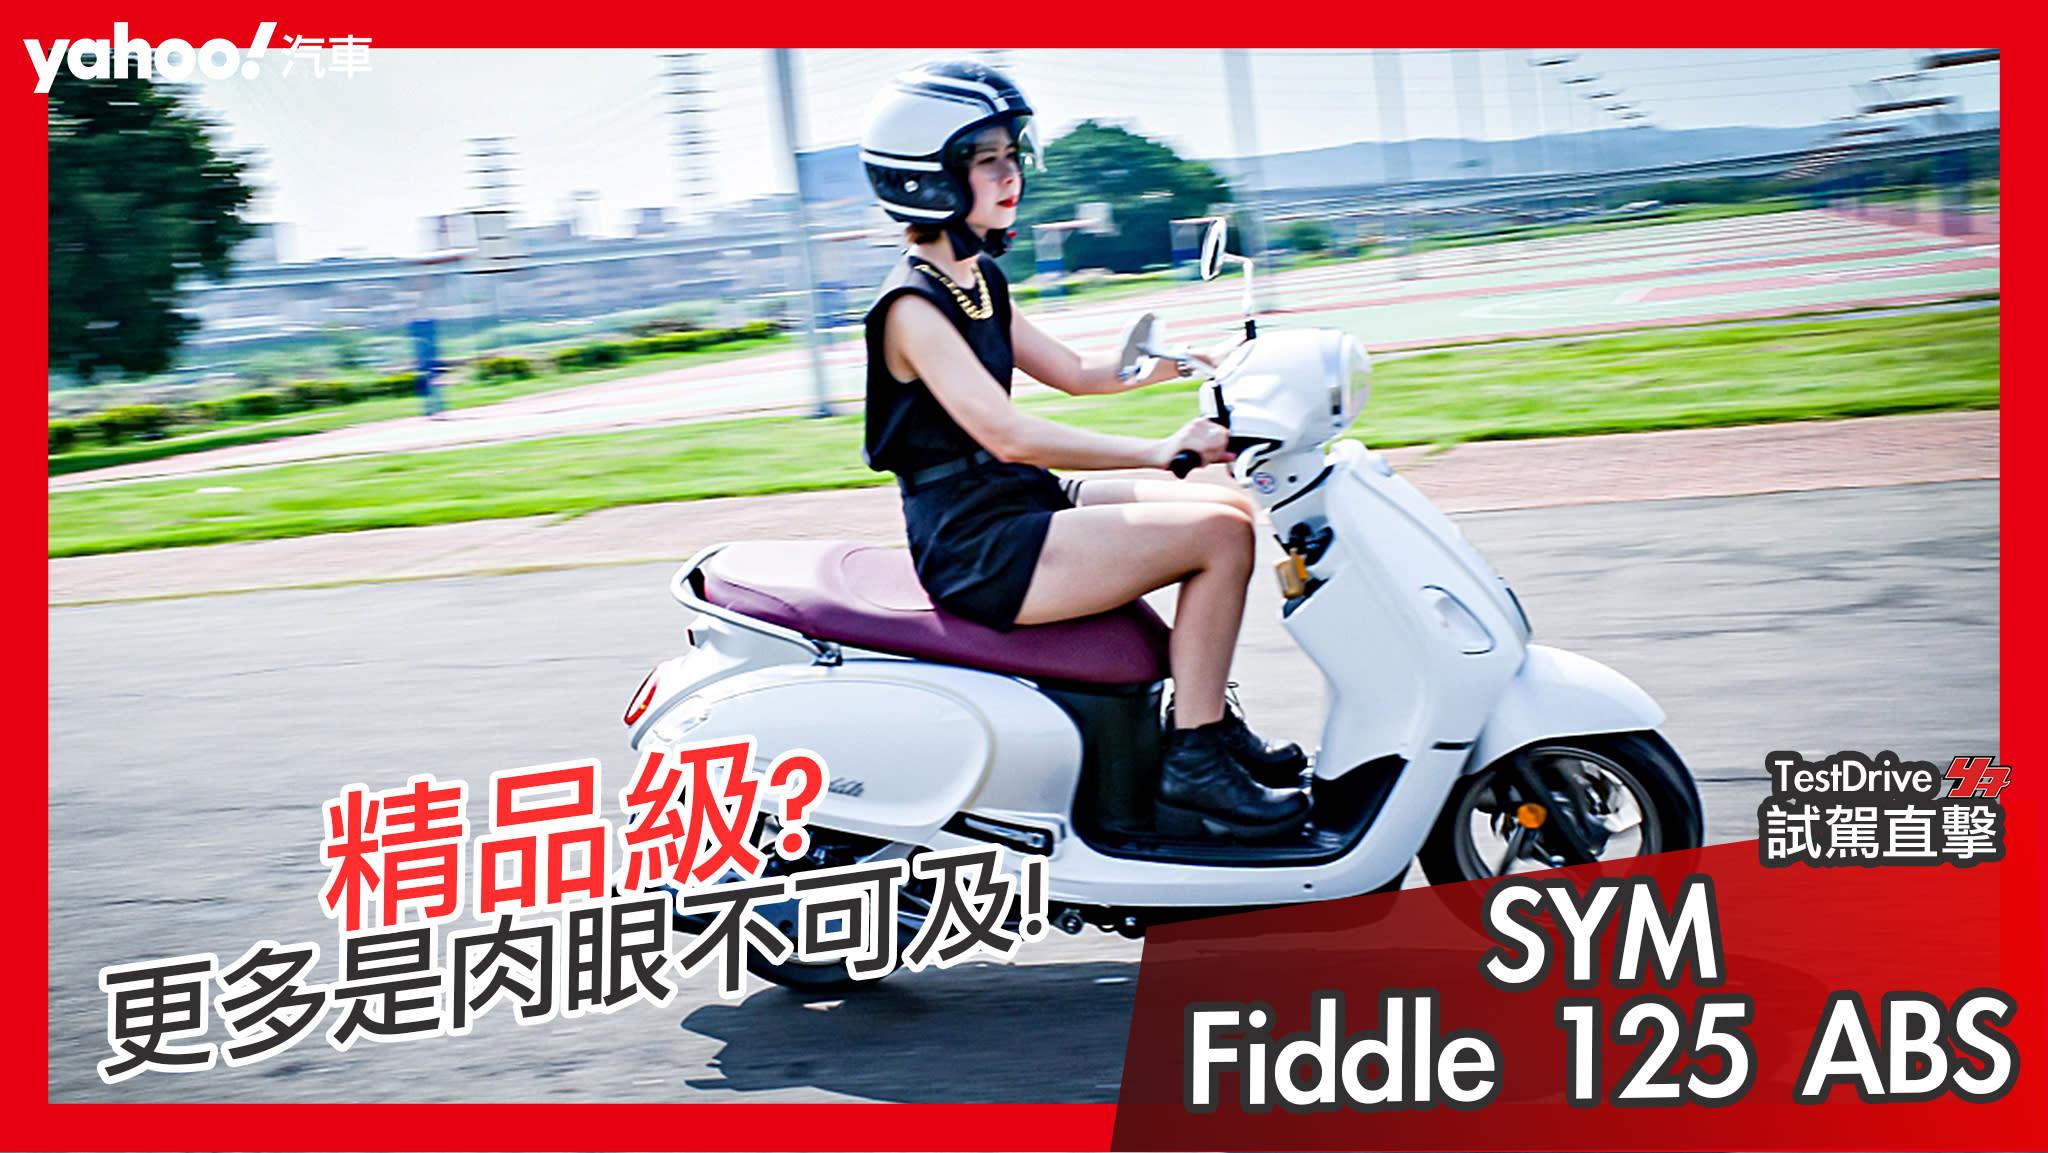 【試駕直擊】精品級?更多是肉眼不可及!2020 SYM Fiddle 125 ABS新北試駕!